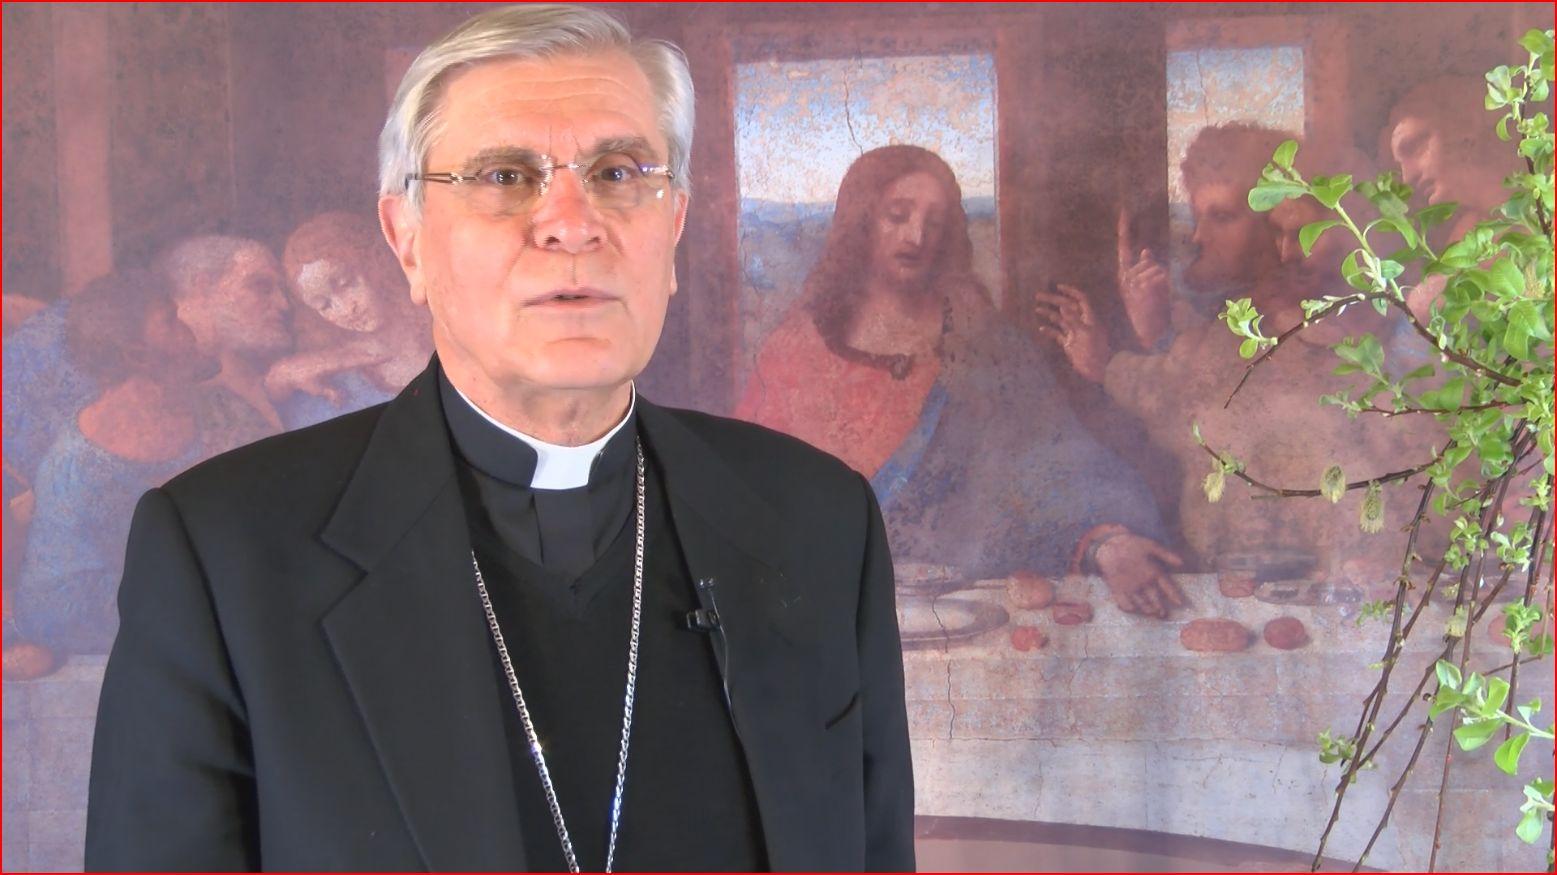 La chronique de Mgr Jean-Michel di Falco Léandri – La croix au cœur de nos vies